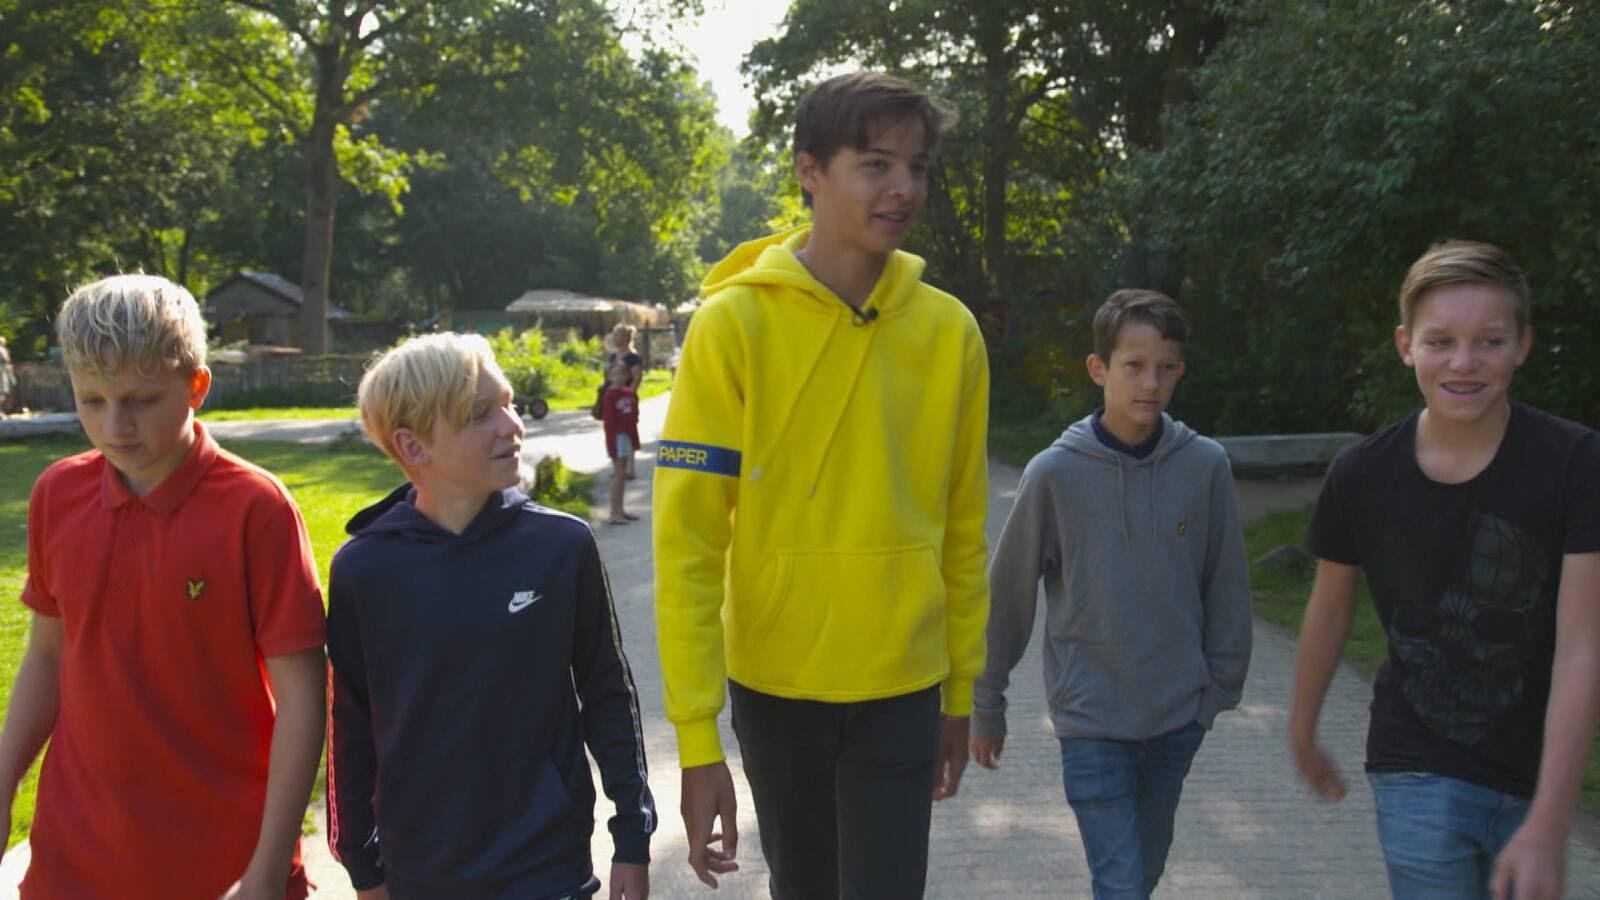 13-летний Янник с друзьями: благодаря операции его рост в будущем будет 2,08, а не 2,15 м (фото NOS).